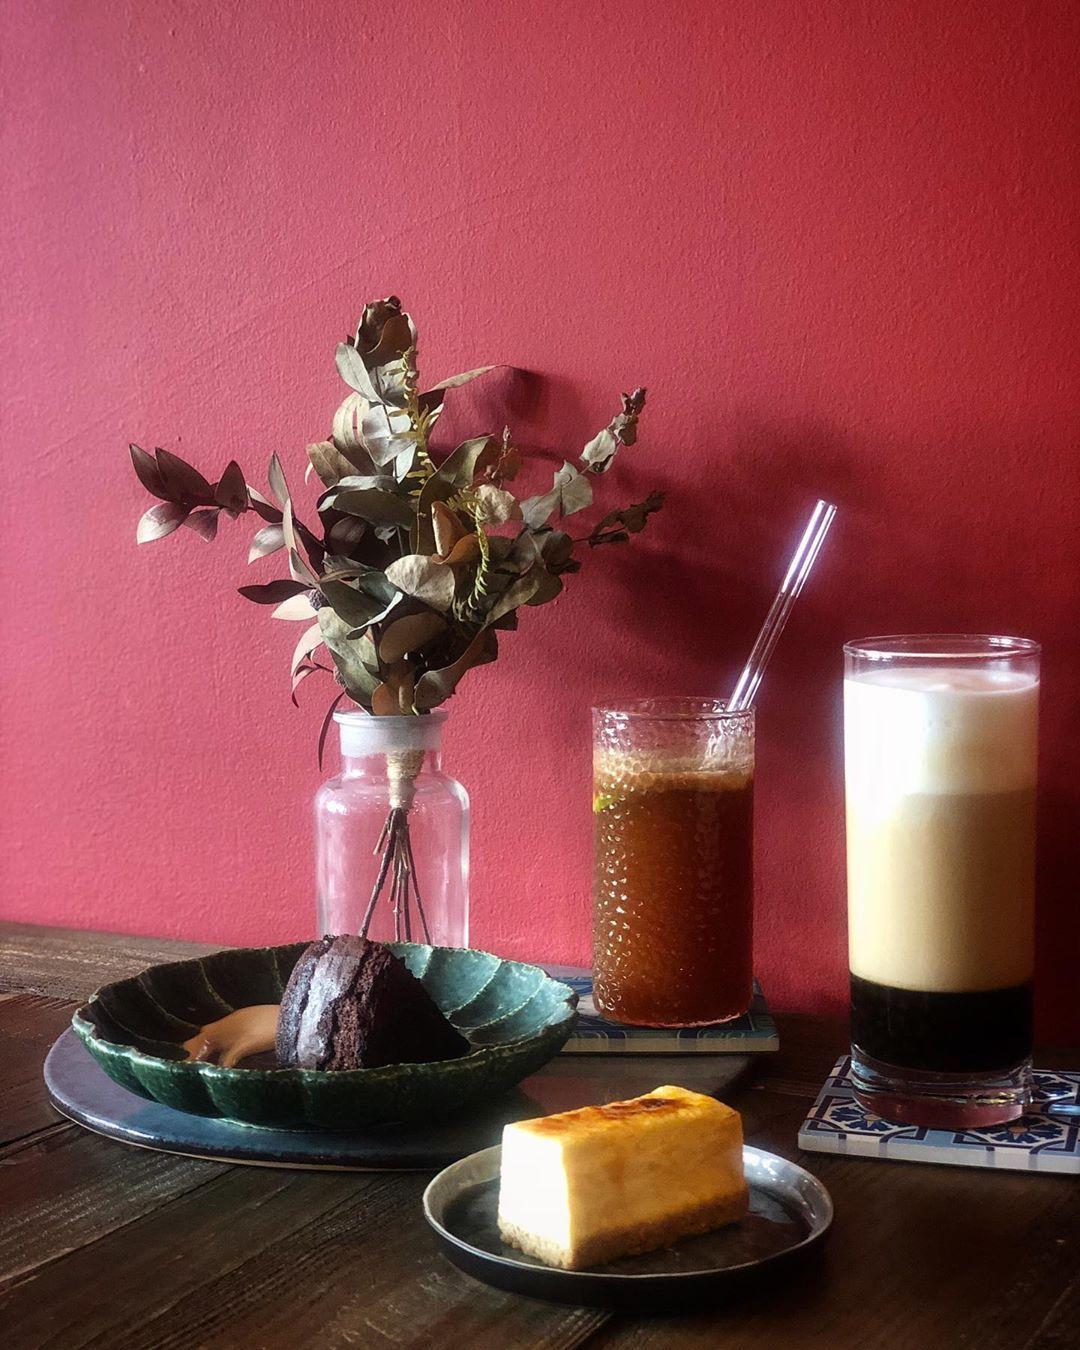 . 🔎#國王蝴蝶秘密基地  真的有秘密基地的感覺💗 ⚜️有機檸檬西西里冰咖啡 $ 160 ⚜️哲學冰奶茶 $ 180 (這杯是黑糖珍奶😆) ⚜️法式軟巧克力蛋糕 ⚜️焦糖重乳酪 _______________________________________________________